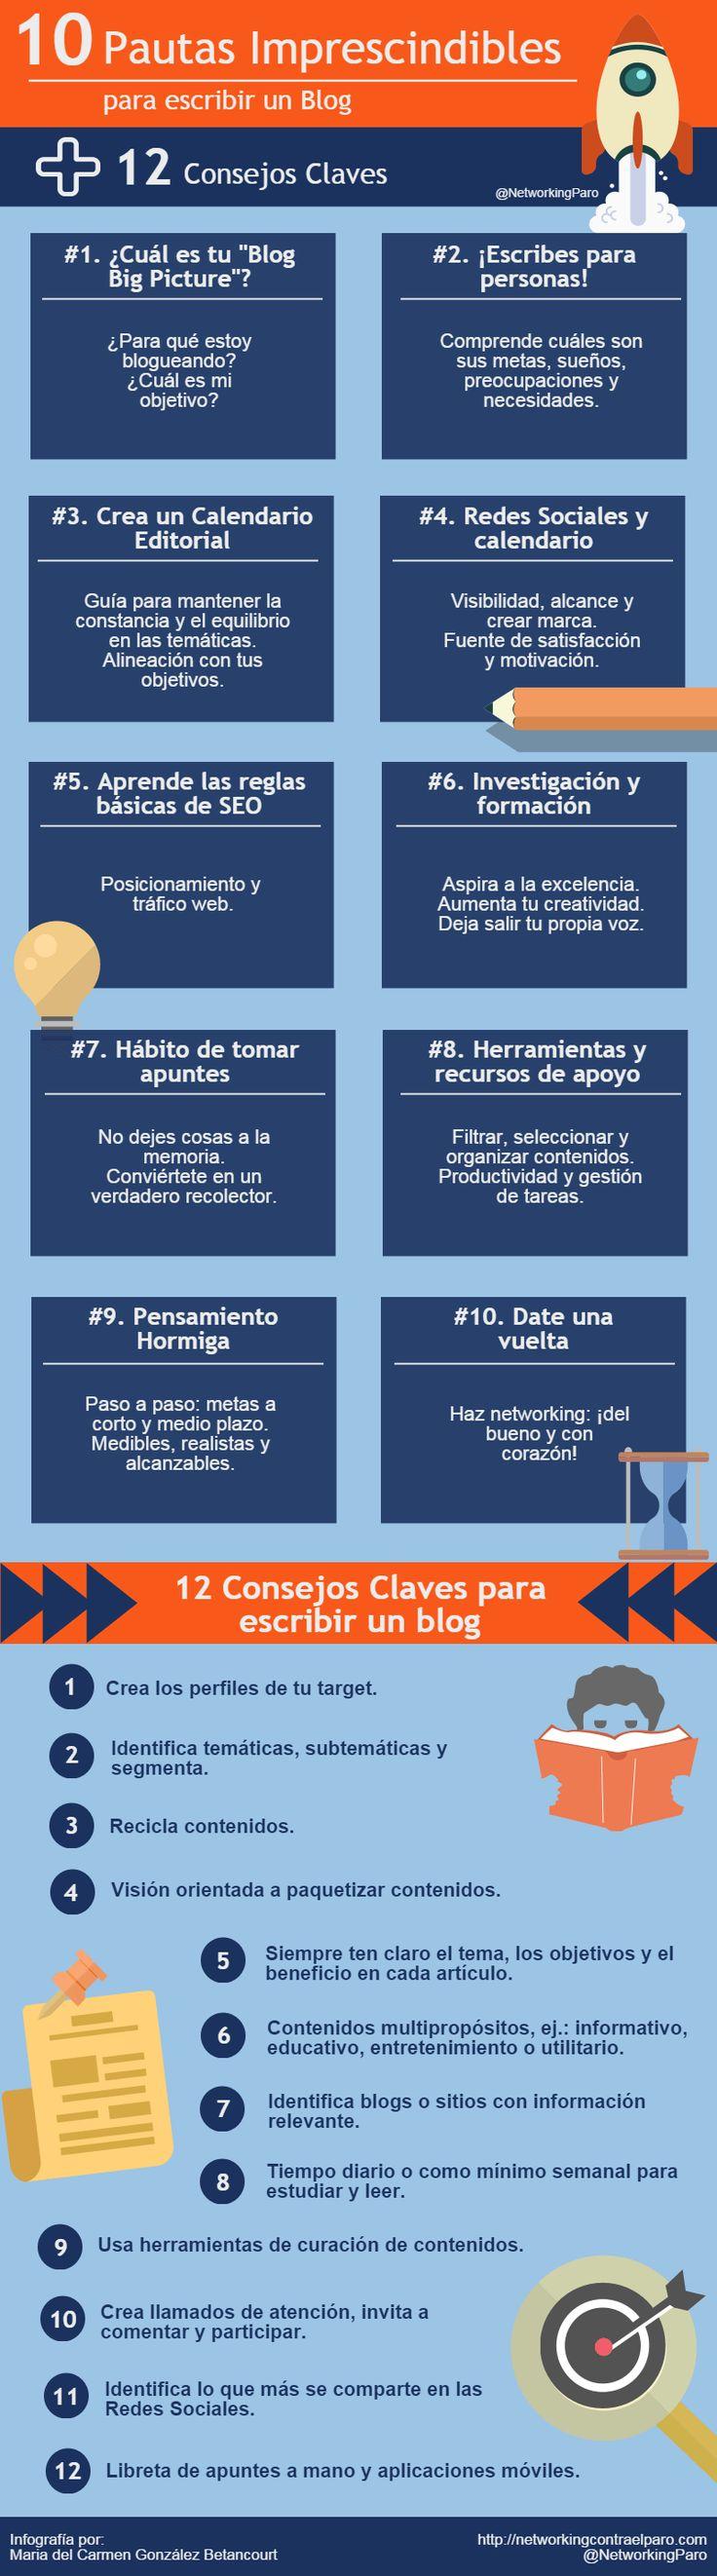 Hola: Una infografía con 10 pautas para escribir un Blog y 12 consejos clave. Vía Un saludo